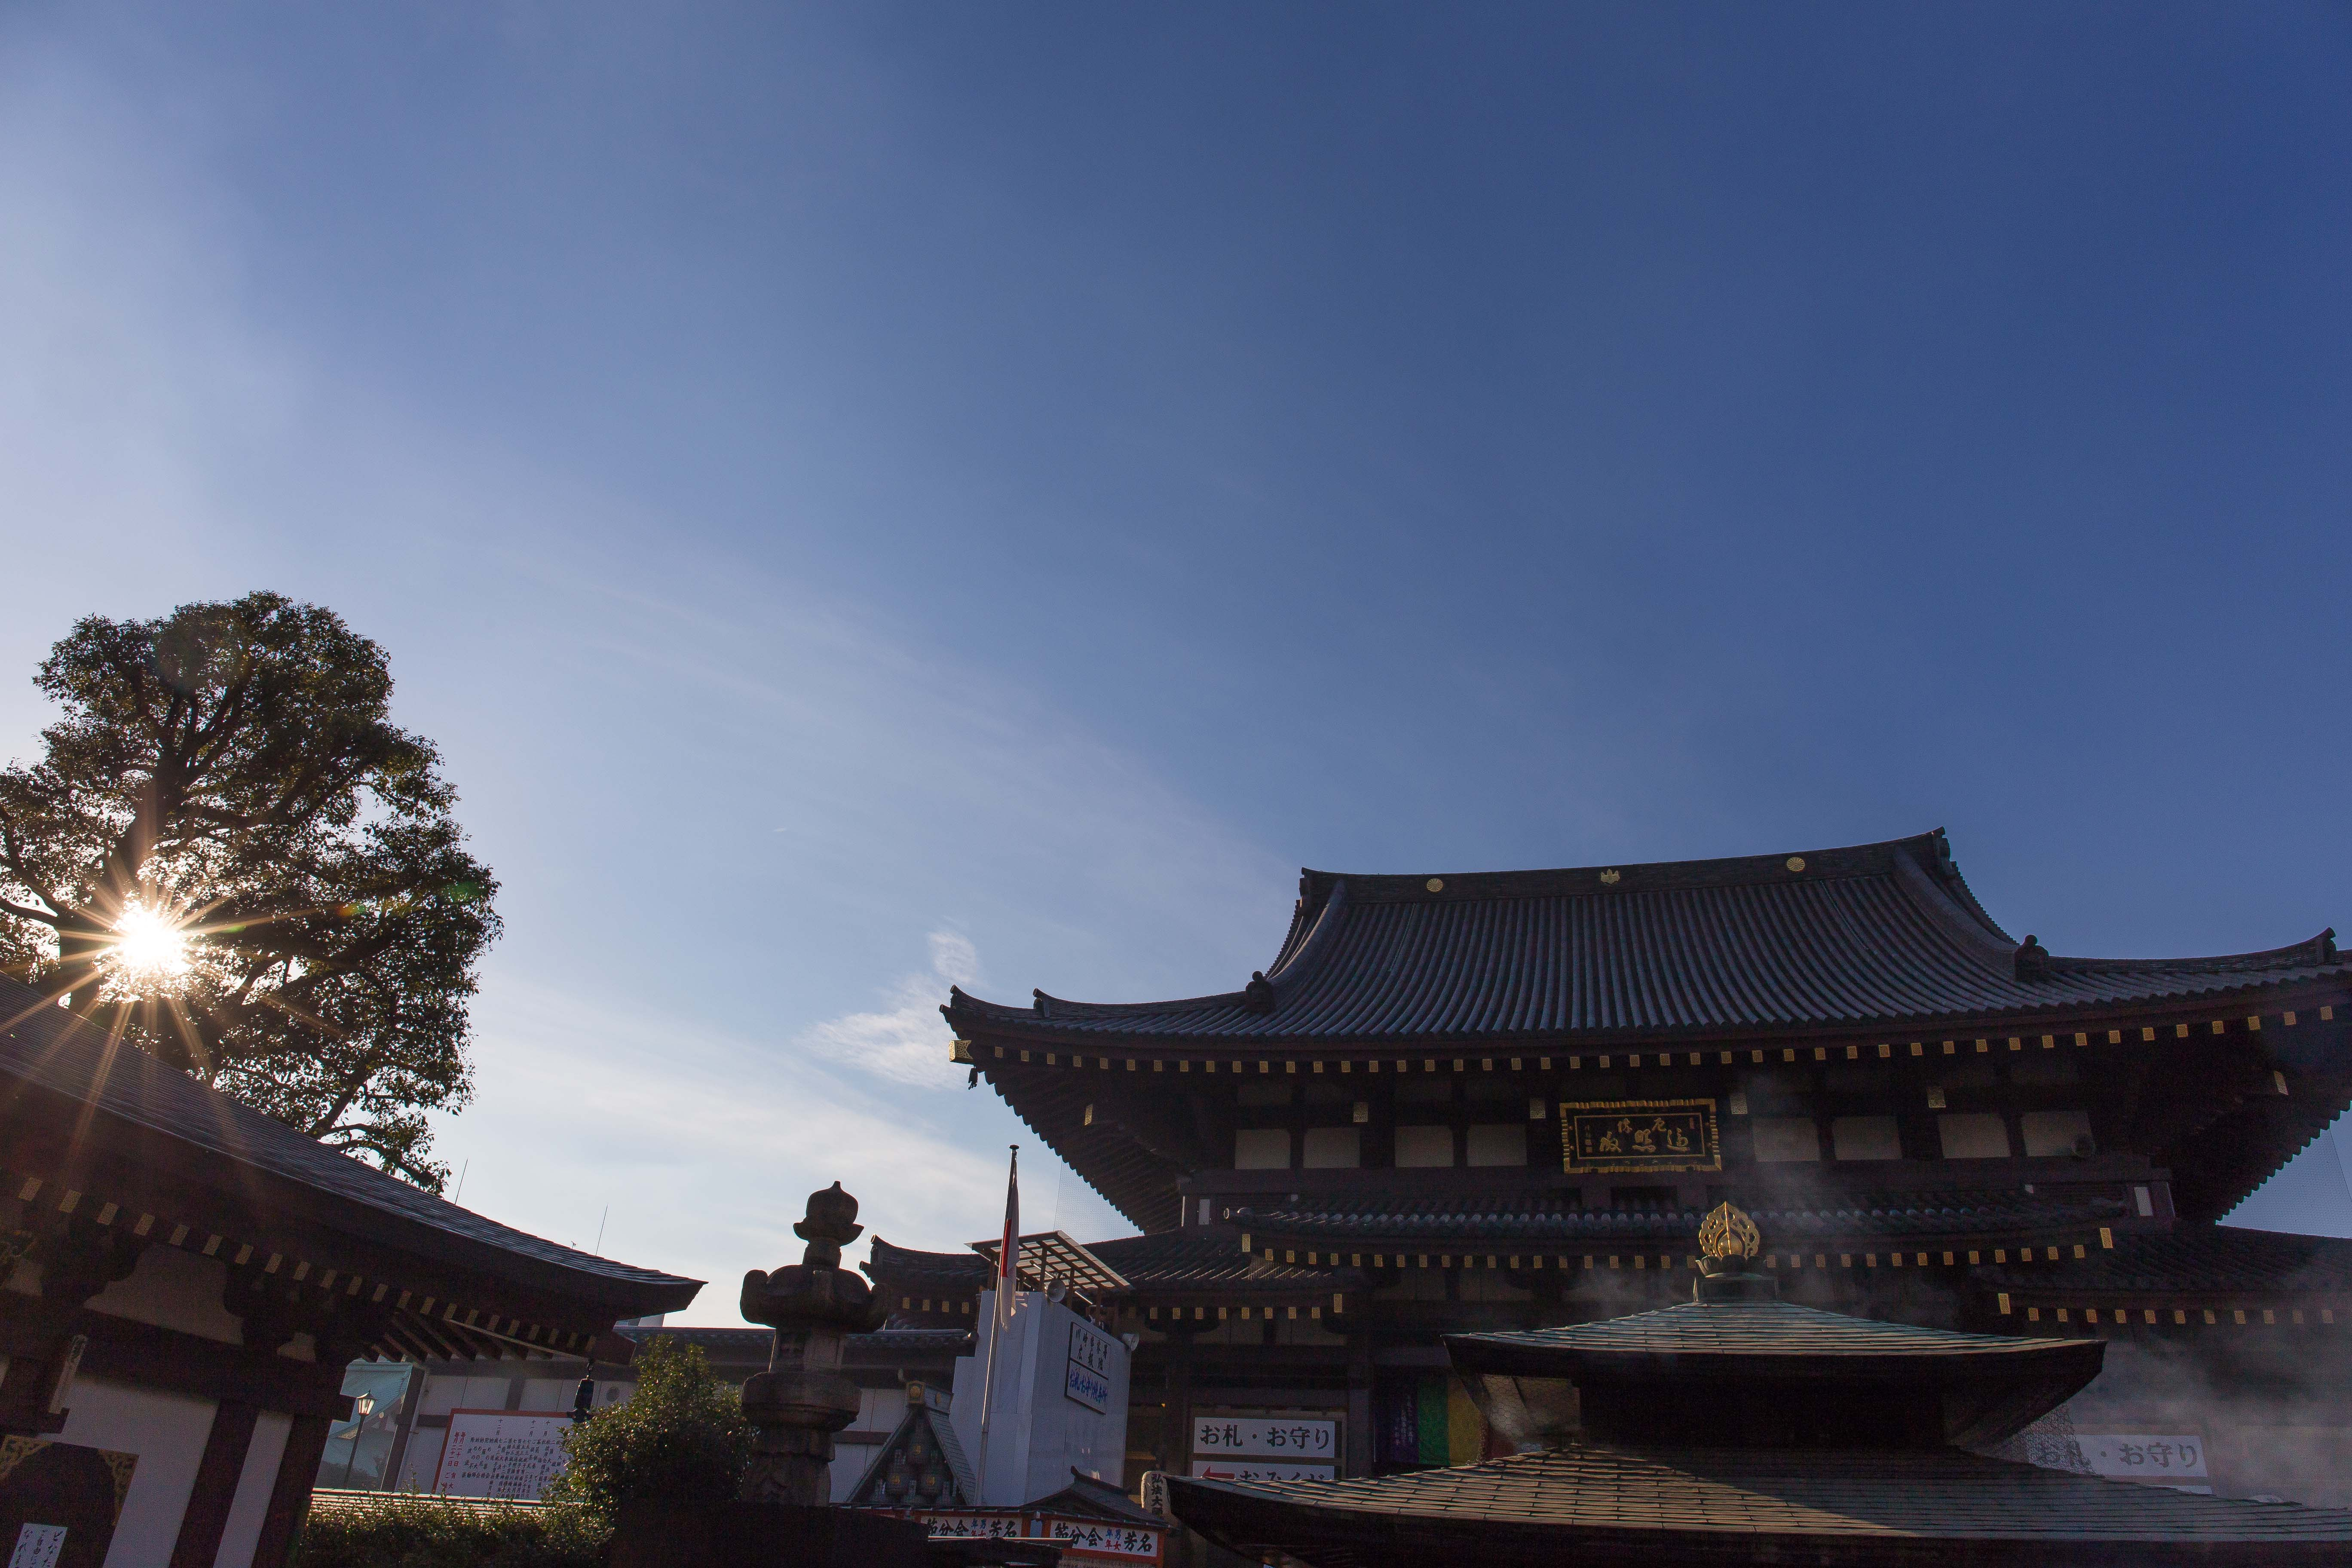 川崎大師初詣(6)